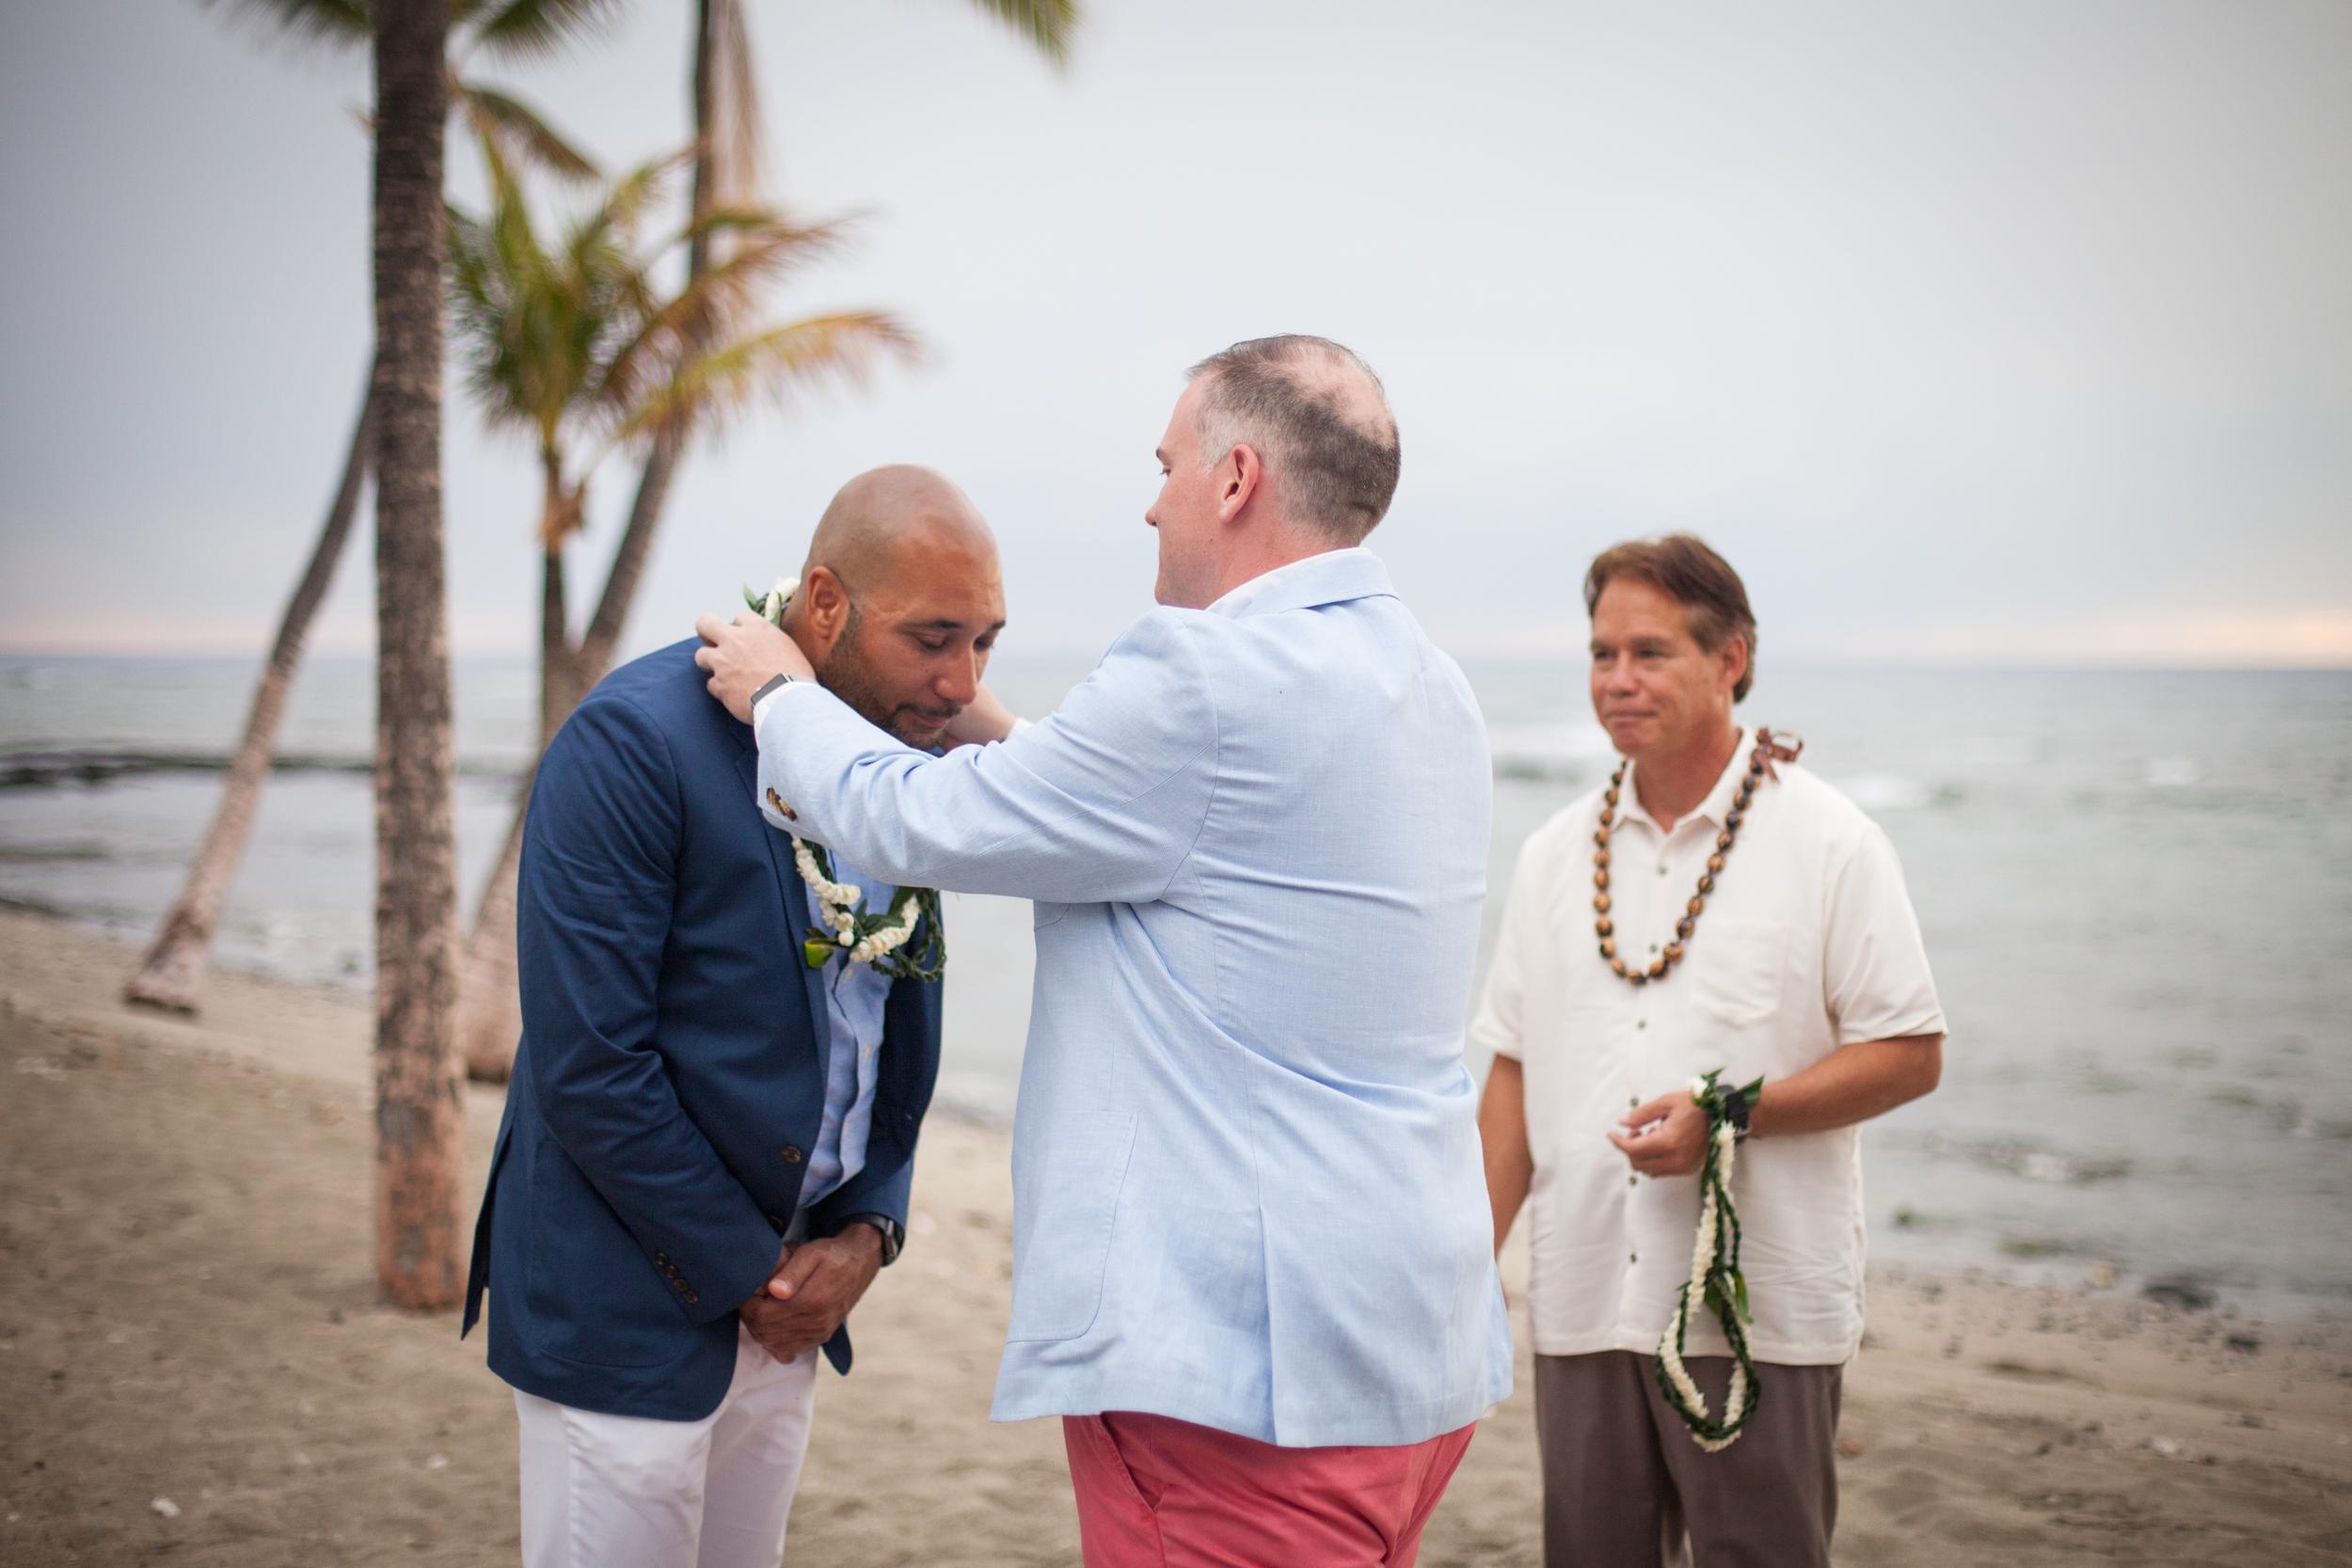 big island hawaii rmauna lani beach wedding © kelilina photography 20160601182405-3.jpg